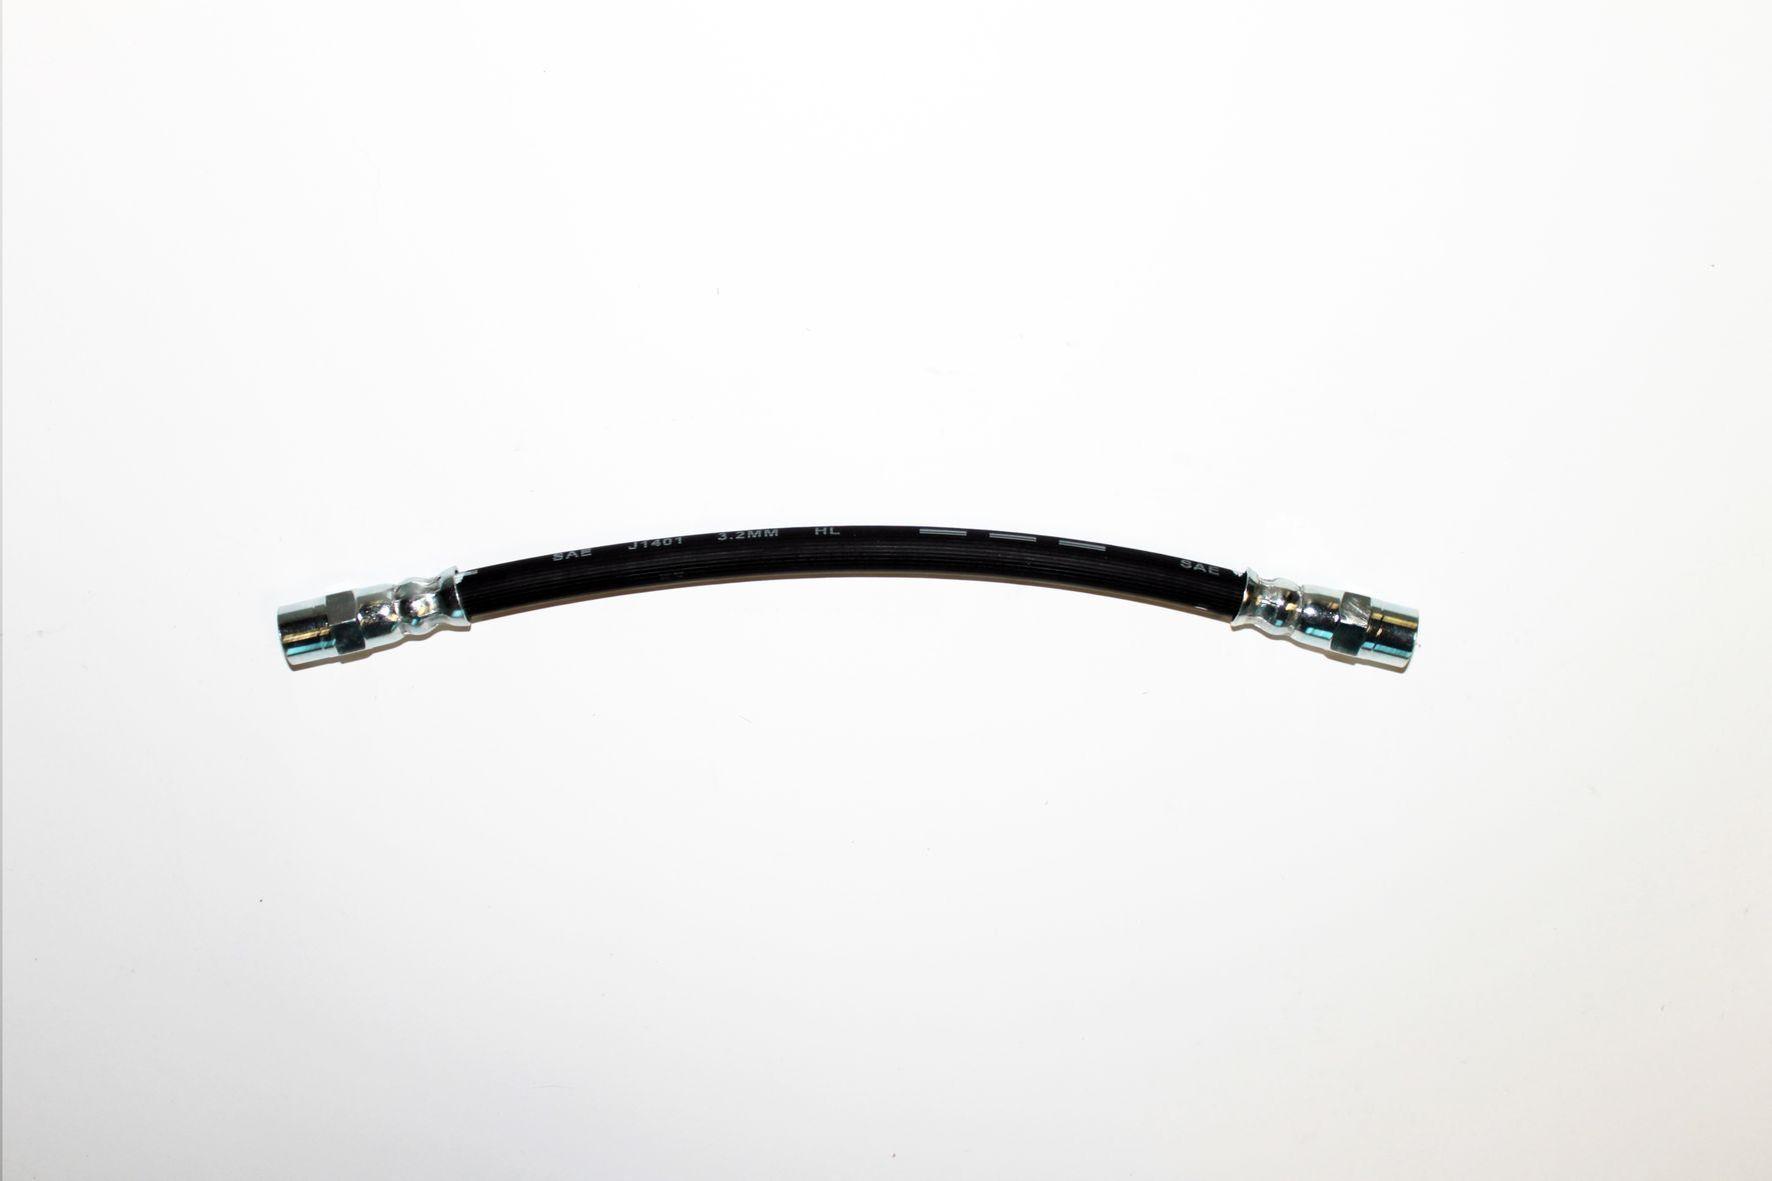 BREMBO  T 50 018 Bremsschlauch Länge: 245mm, Gewindemaß 1: F10X1, Gewindemaß 2: F10X1